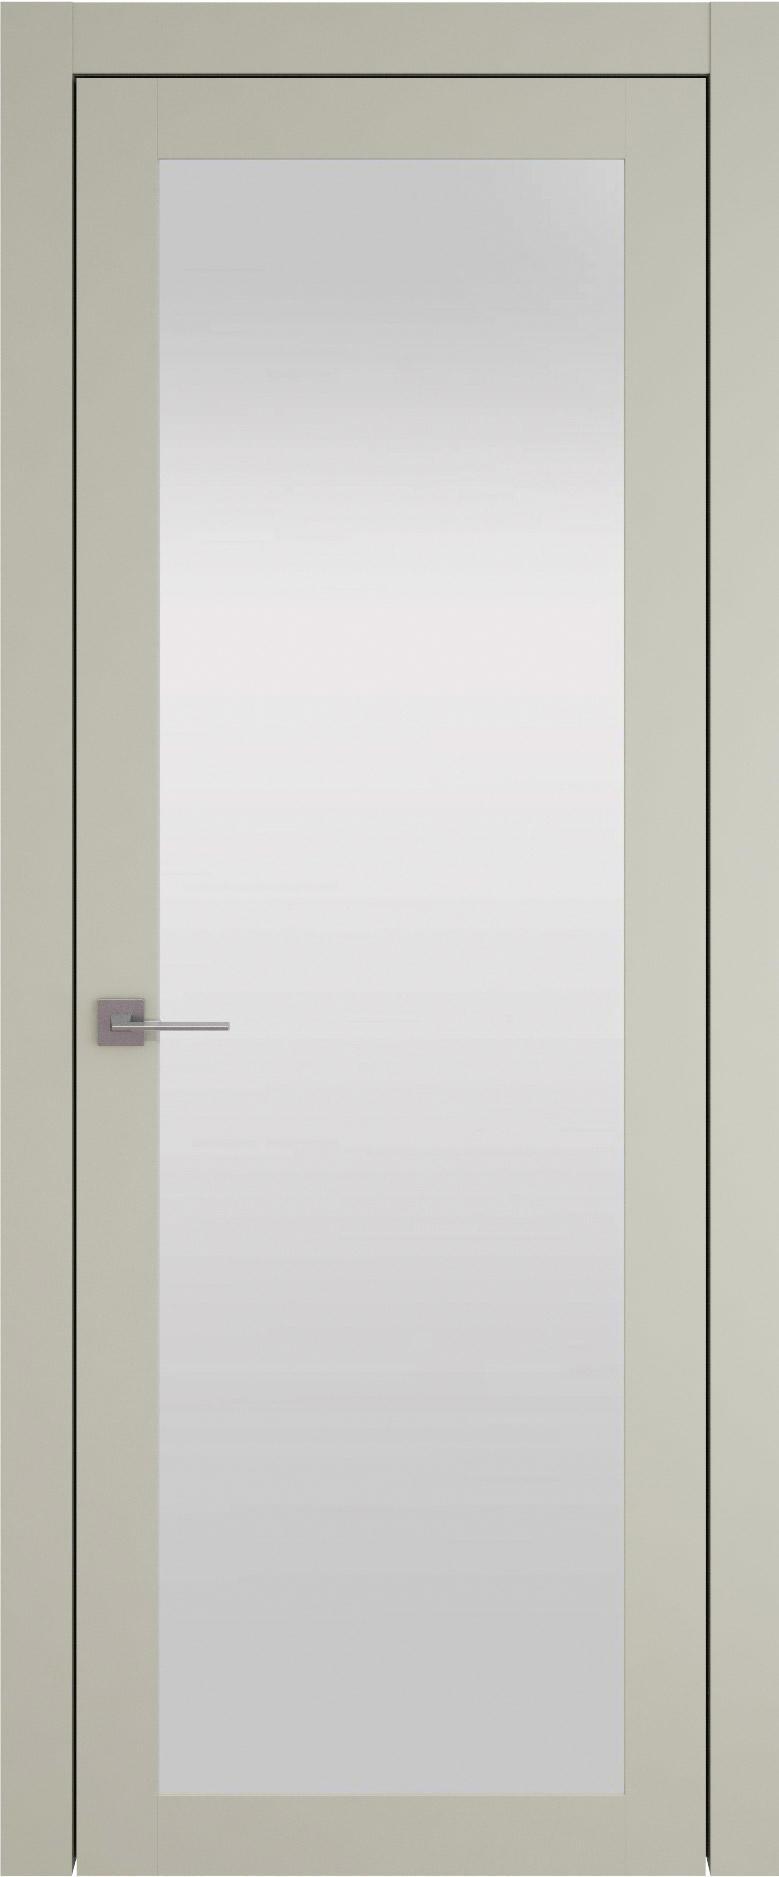 Tivoli З-1 цвет - Серо-оливковая эмаль (RAL 7032) Со стеклом (ДО)